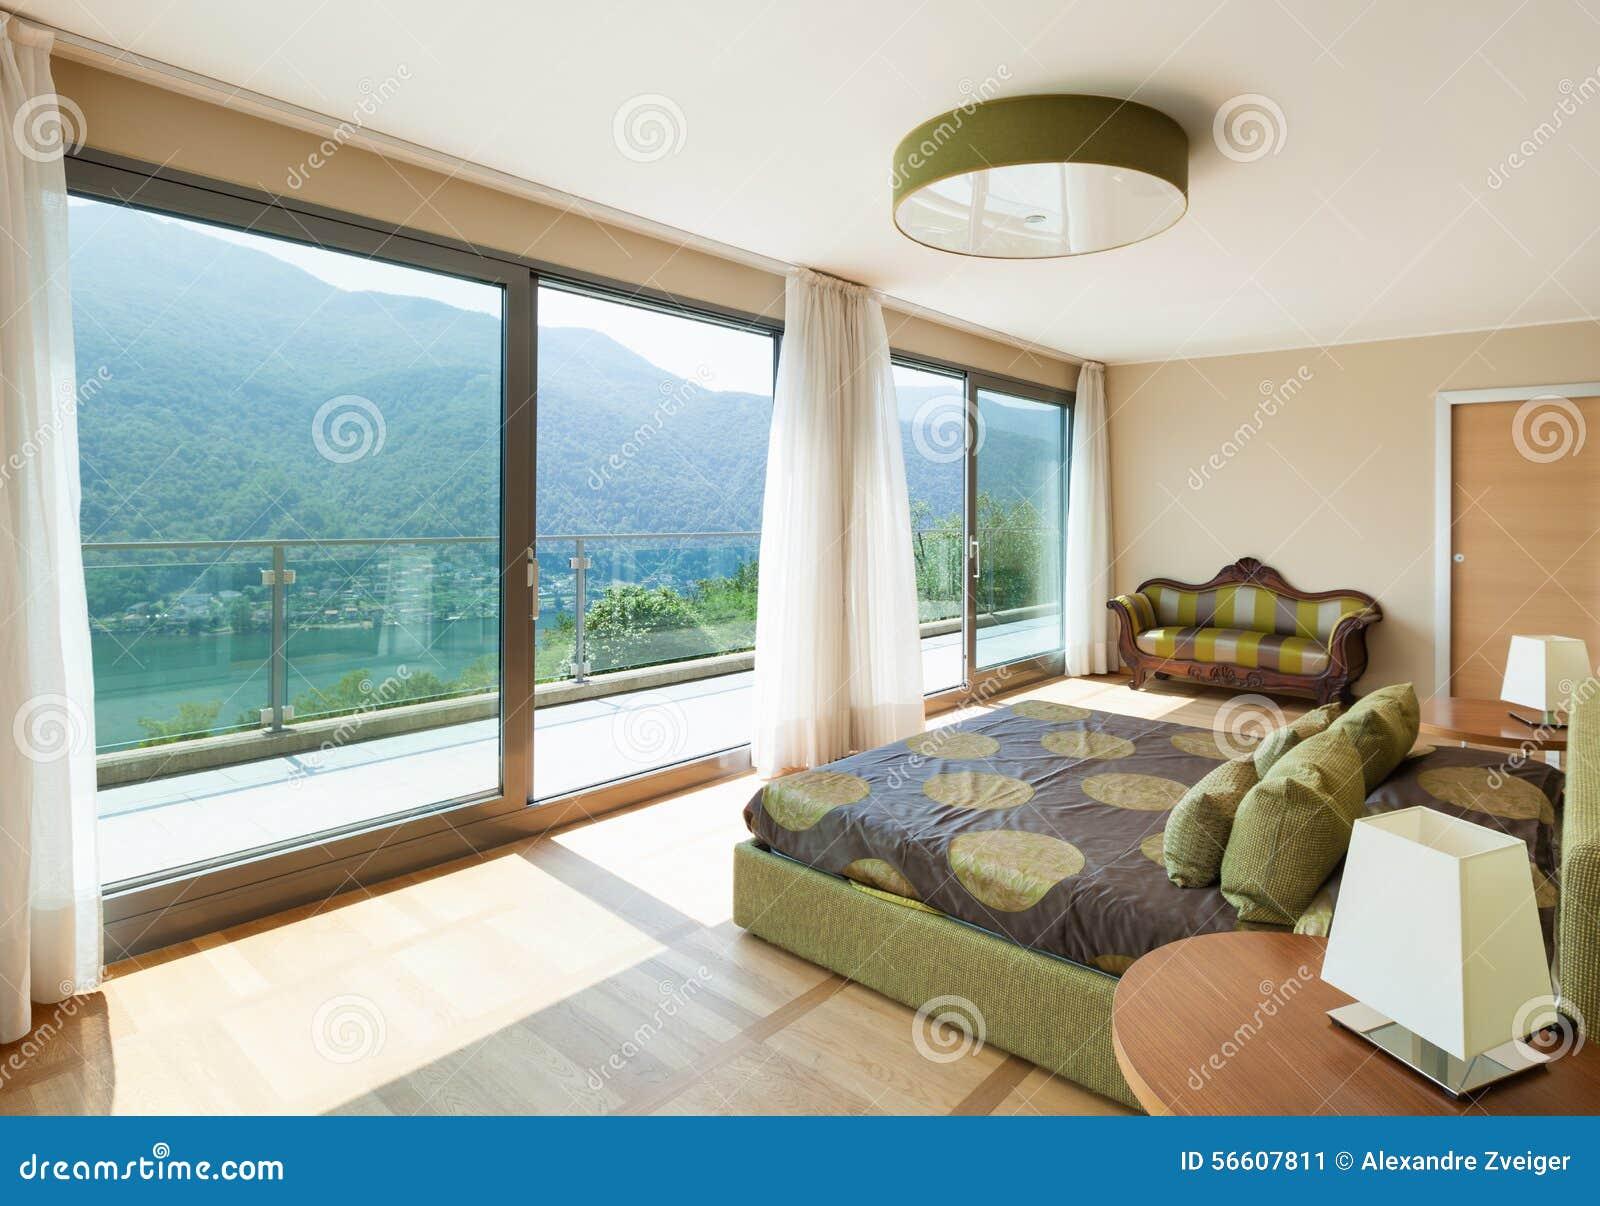 用装备的公寓,卧室